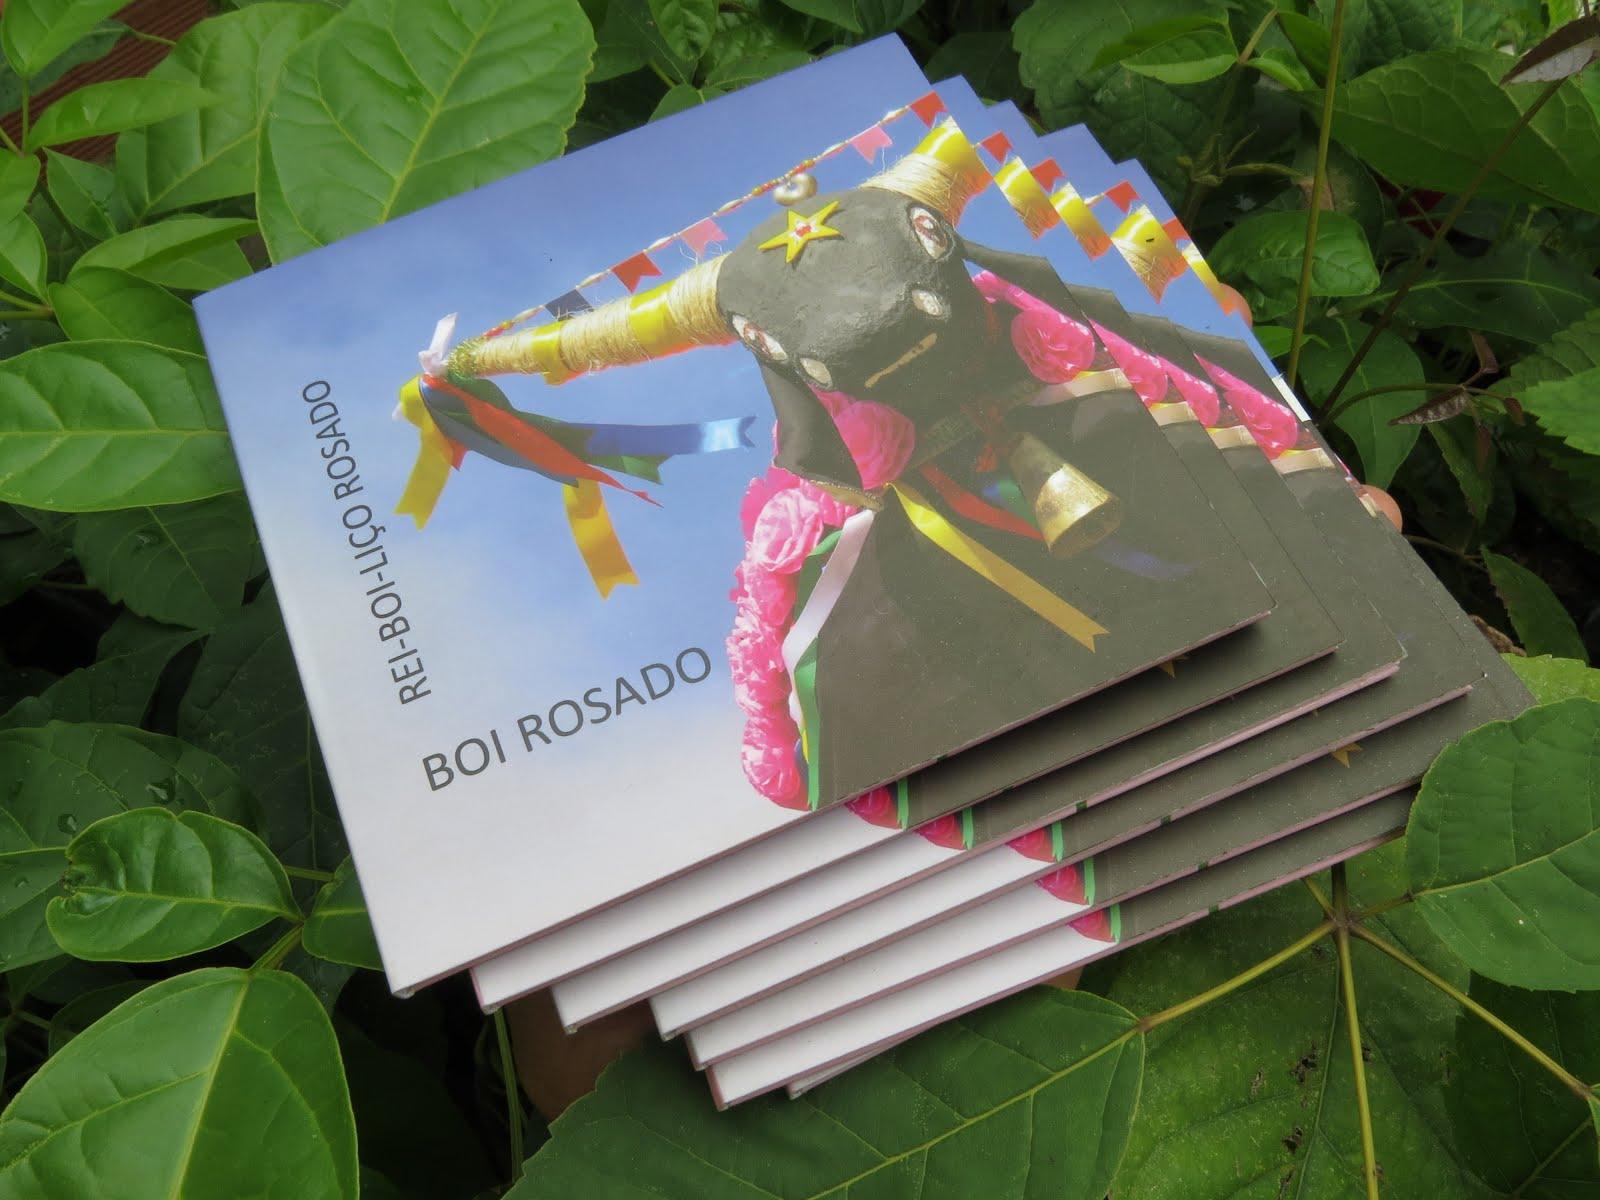 REI-BOI-LIÇO-ROSADO / CD MUSICAL